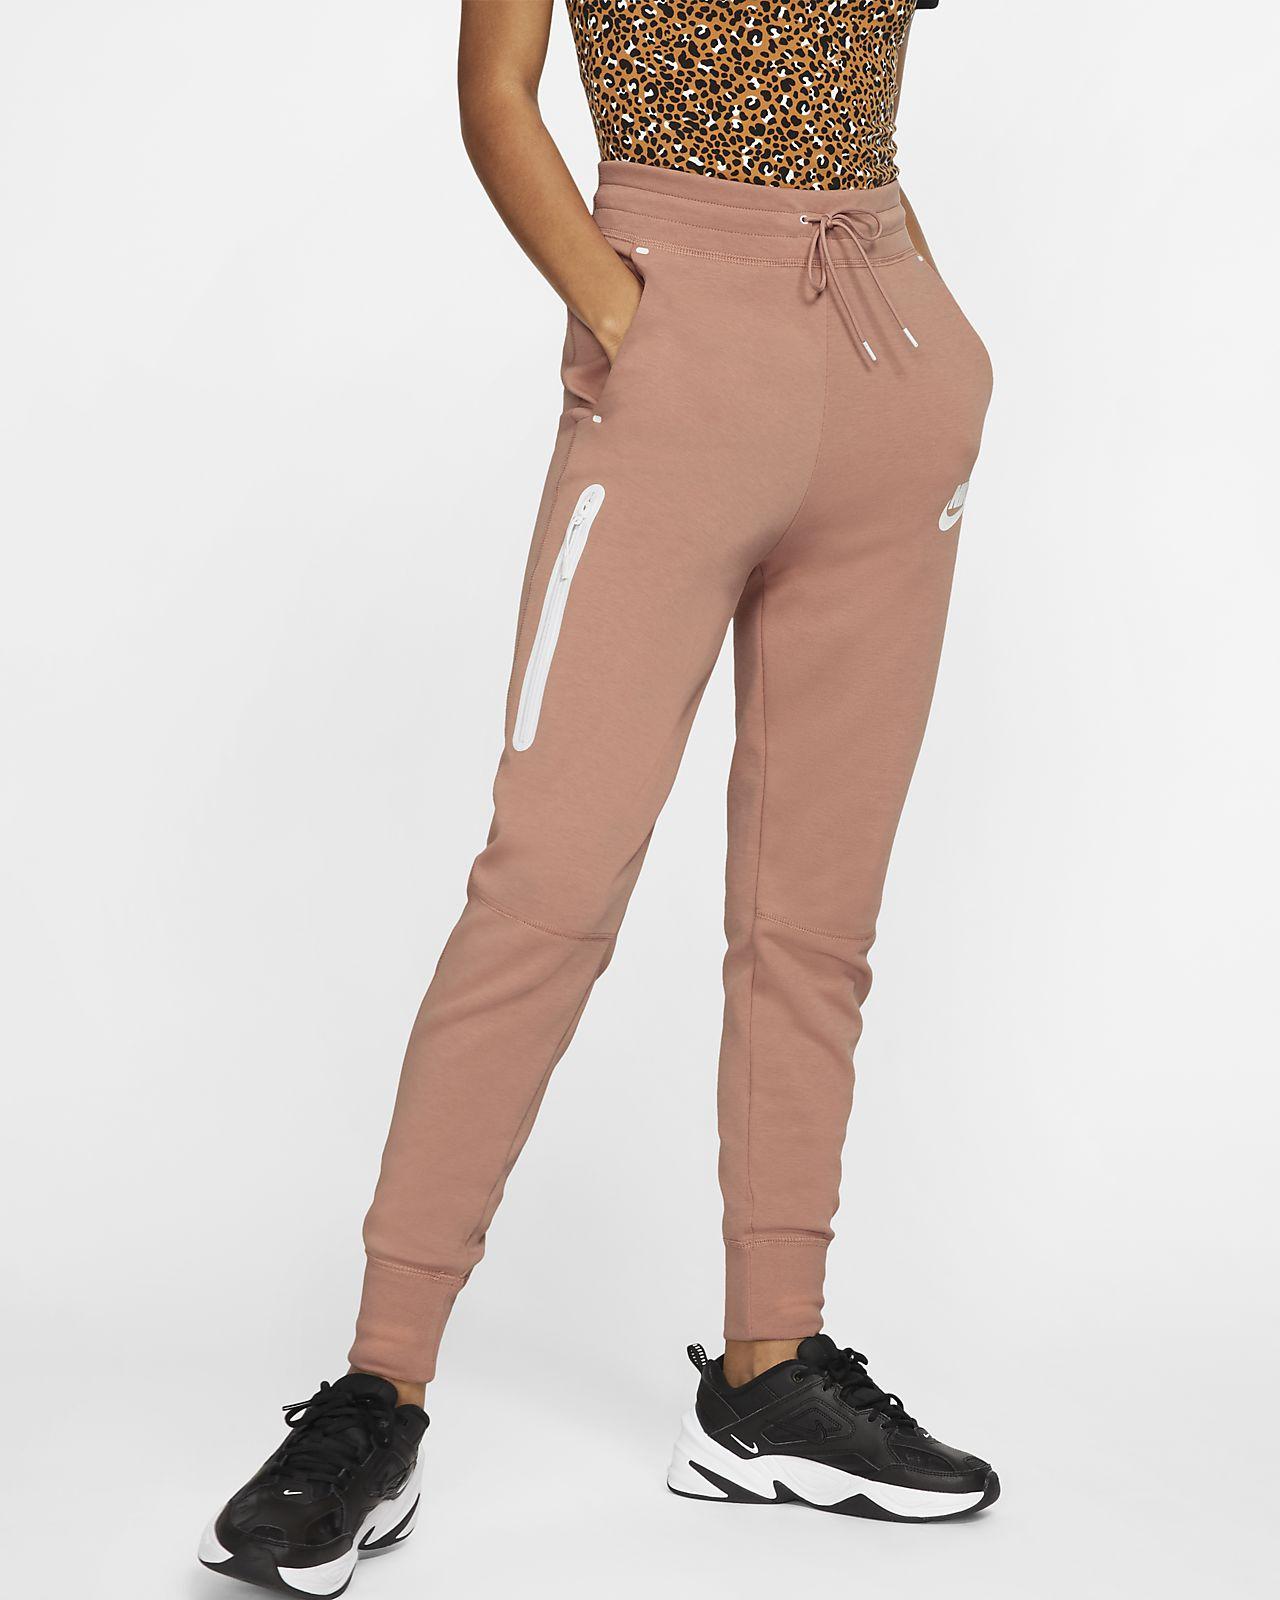 60% discount latest replicas Nike Sportswear Tech Fleece Women's Pants